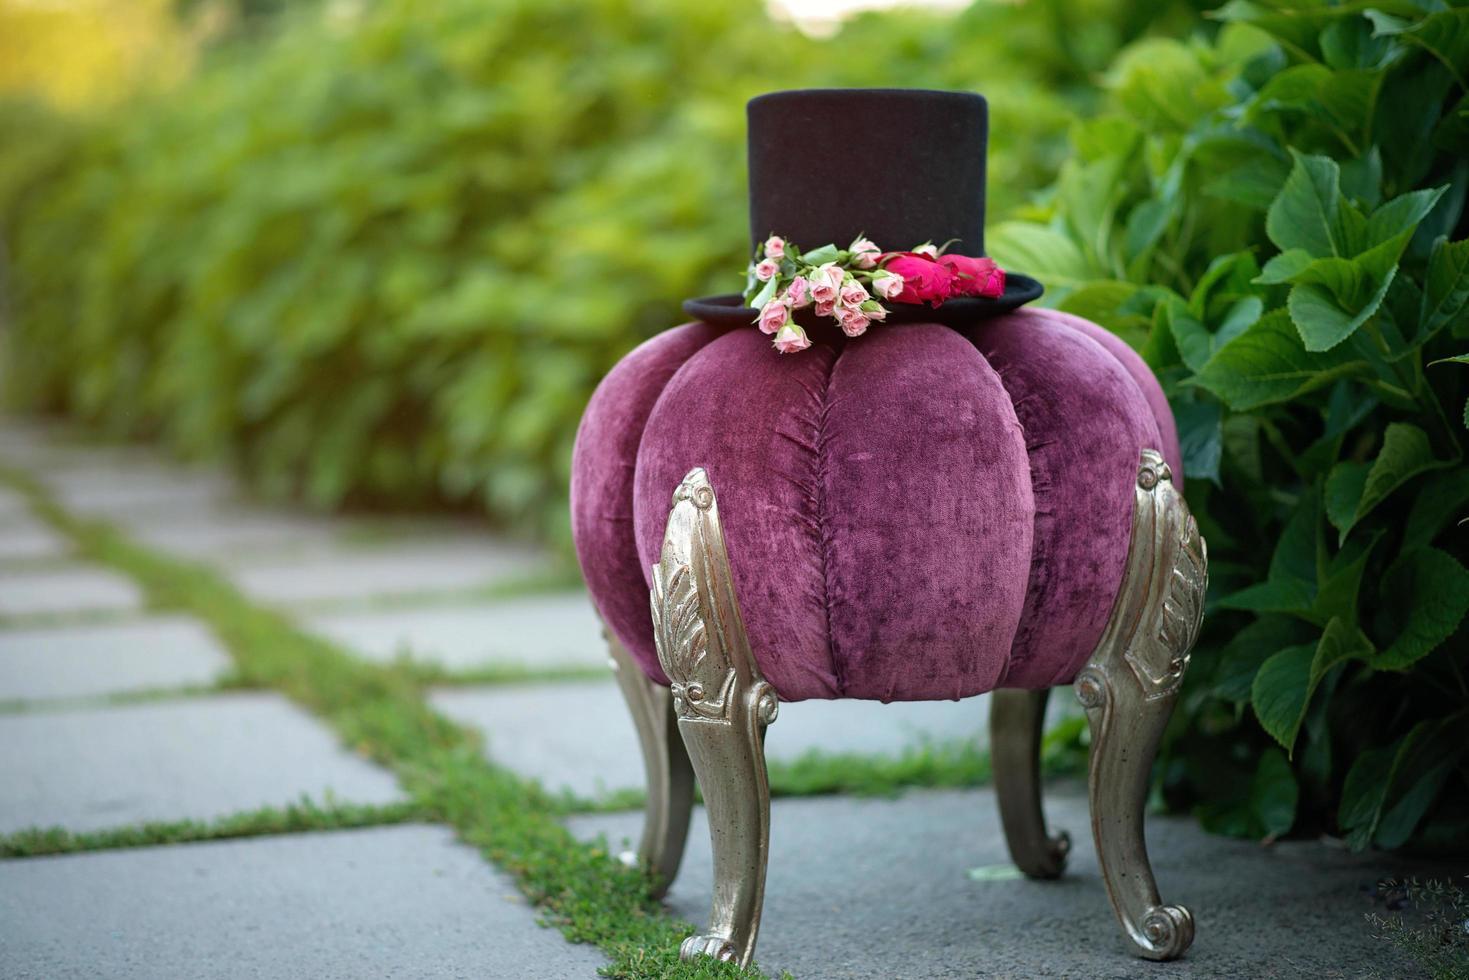 Alice i Underlandet. hattcylinder dekorerad med blommor rosor på en dekorativ lila puff. mjukt selektivt fokus. foto